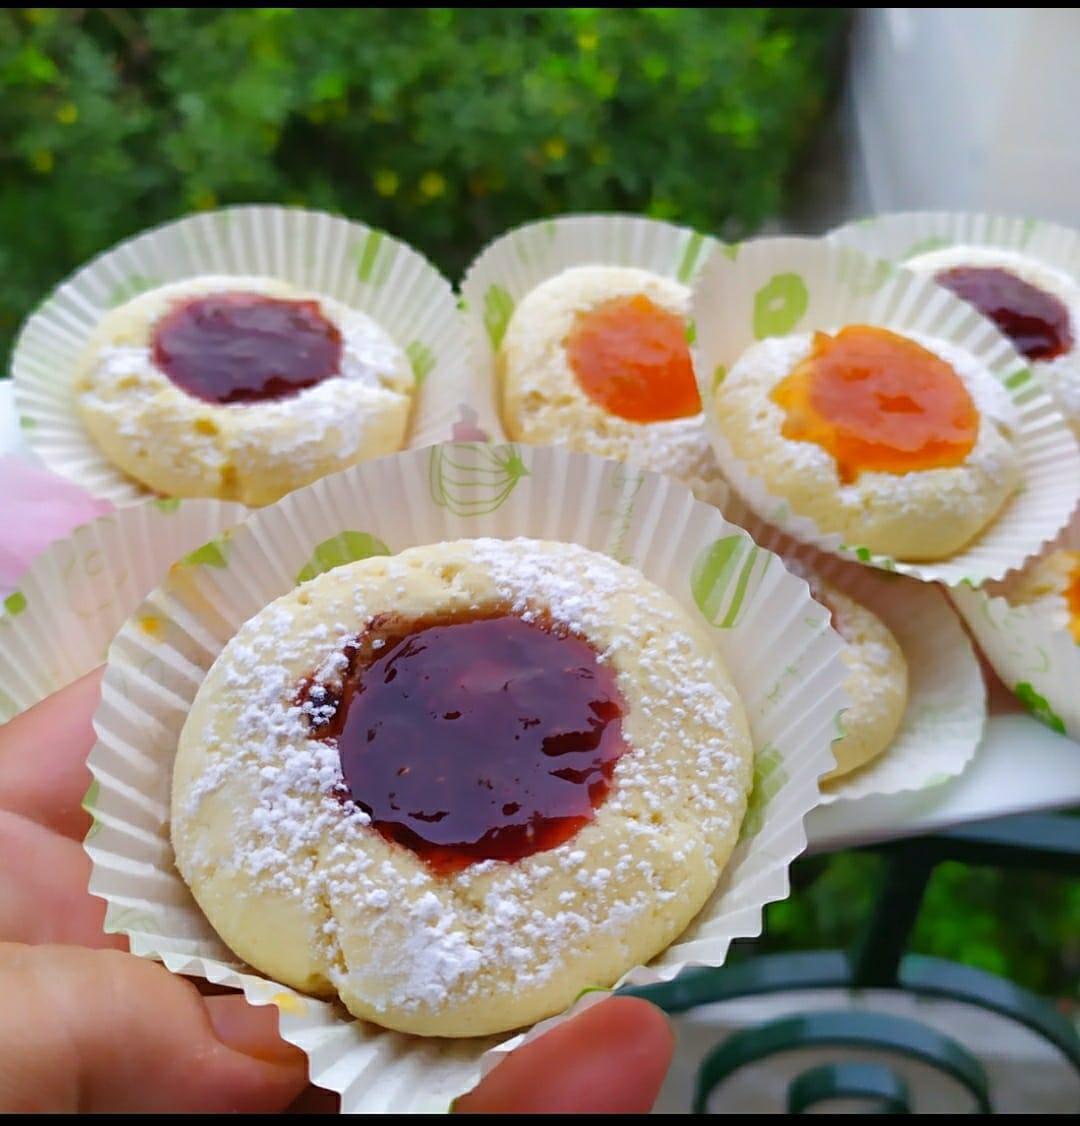 Μπισκότα βουτύρου γεμιστά με μαρμελάδα από την Γκόλφω Νικολού